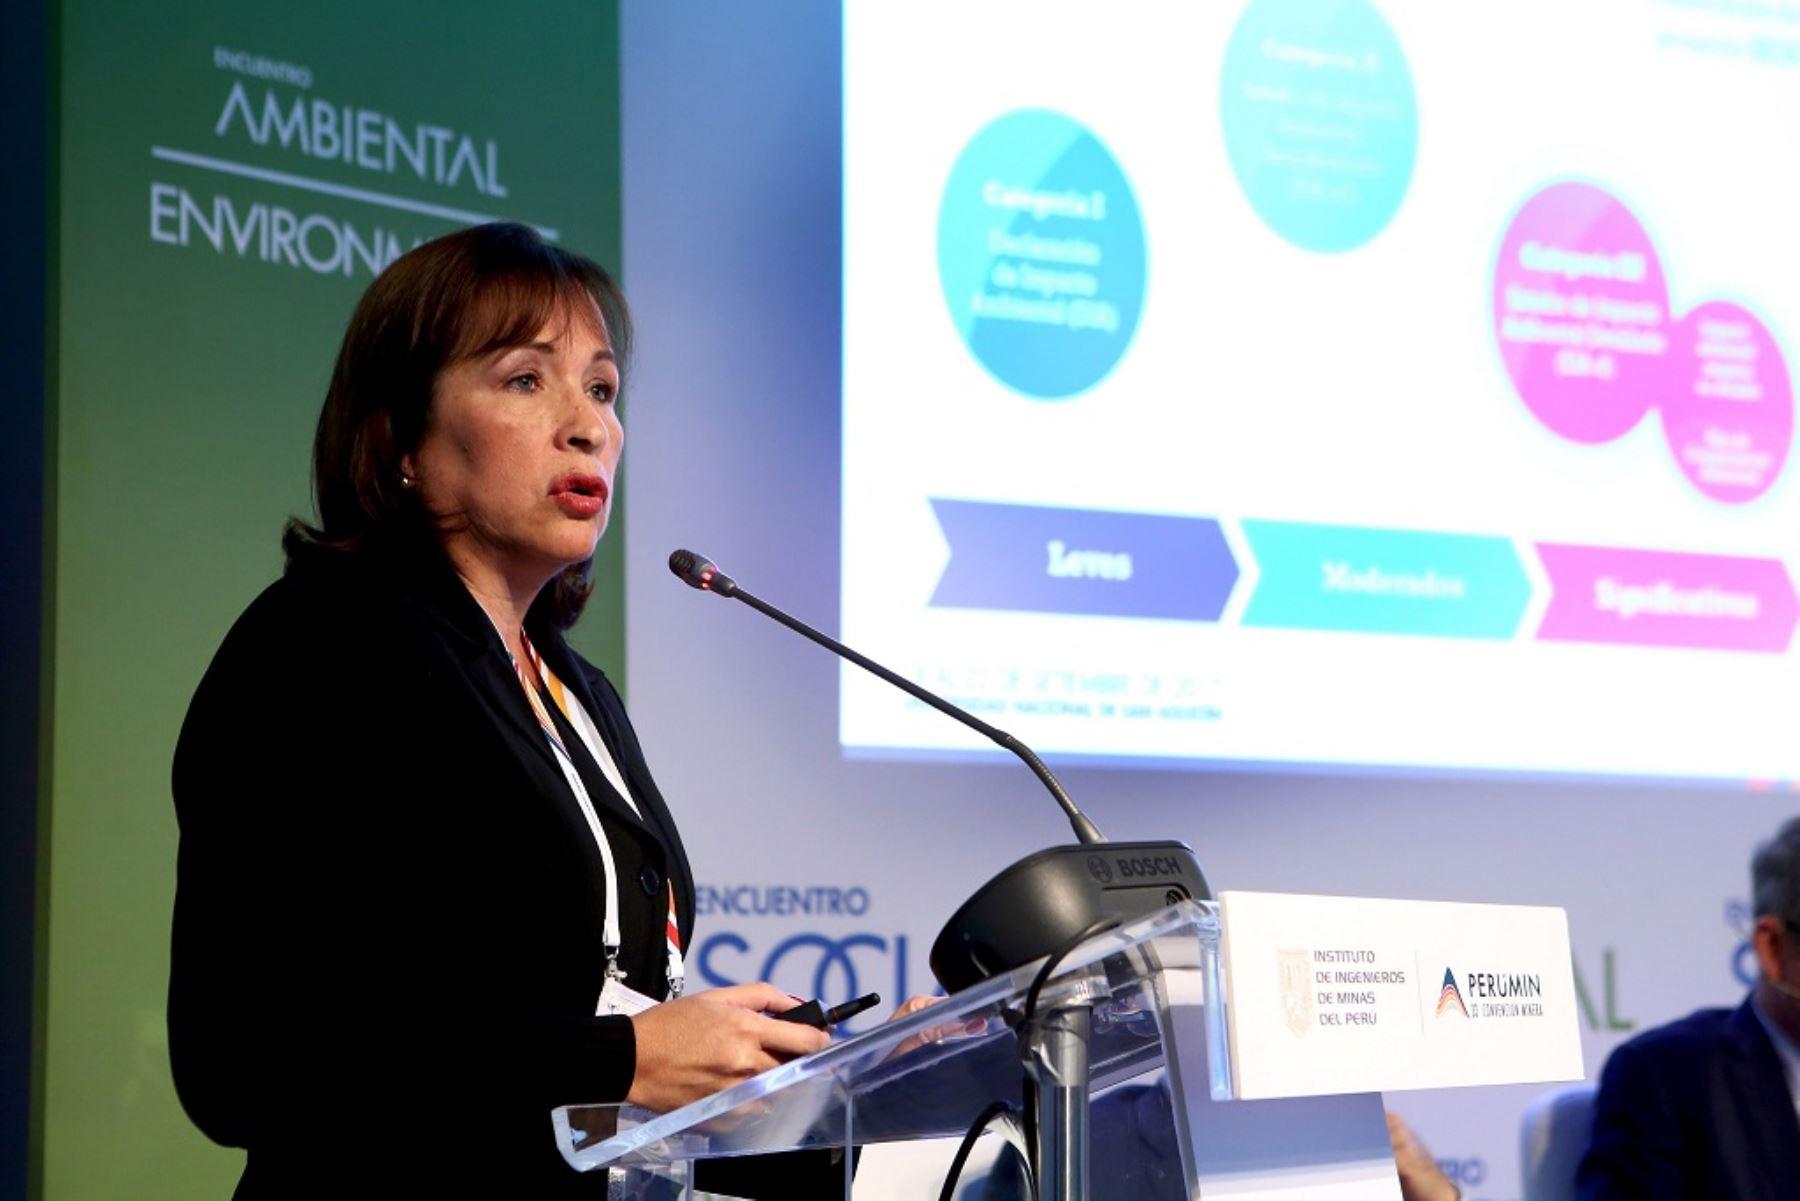 Ministra del Ambiente, Elsa Galarza. Fuente. Perumin